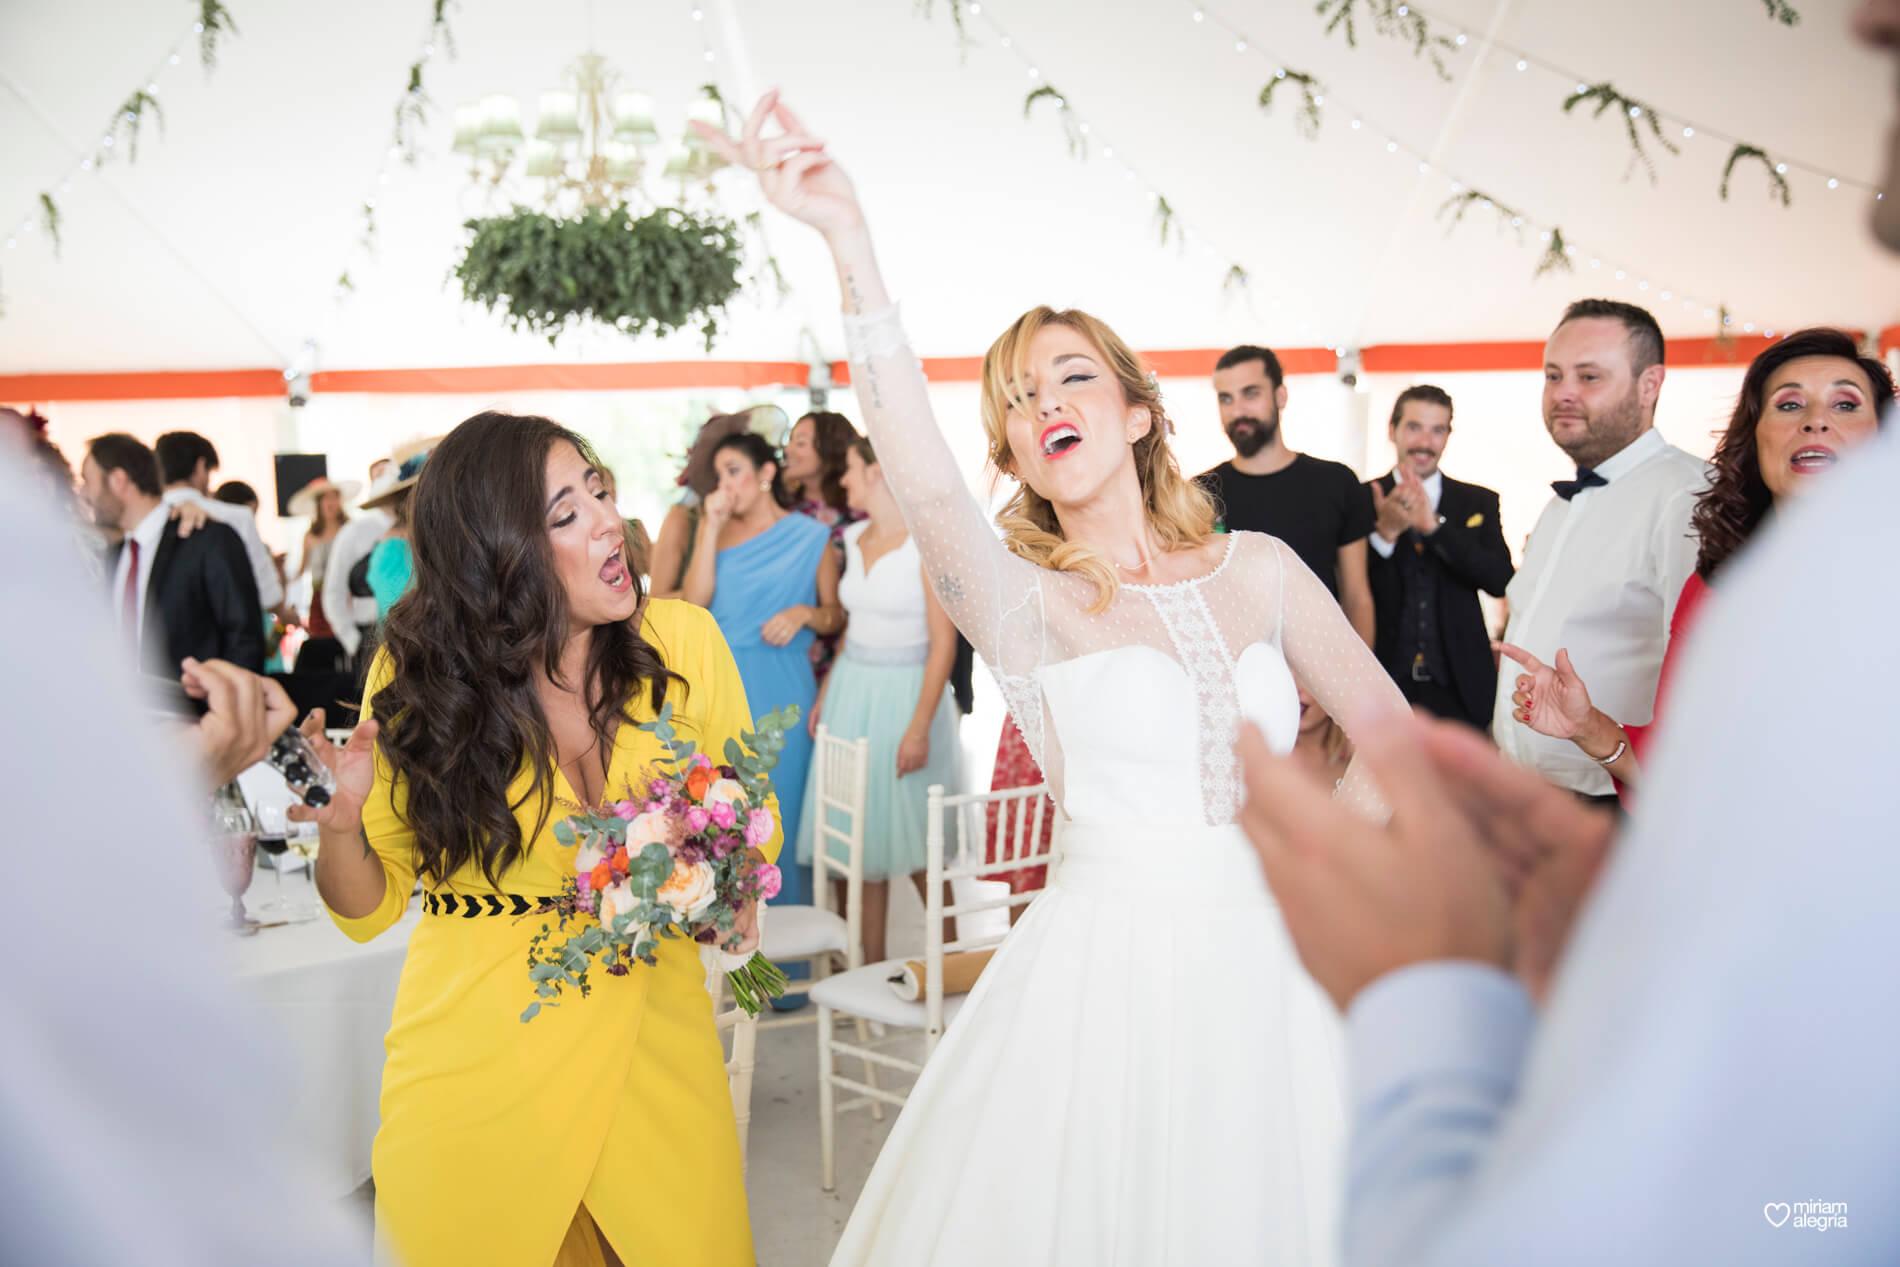 boda-en-finca-villa-vera-de-alemc7-miriam-alegria-fotografos-boda-murcia-188